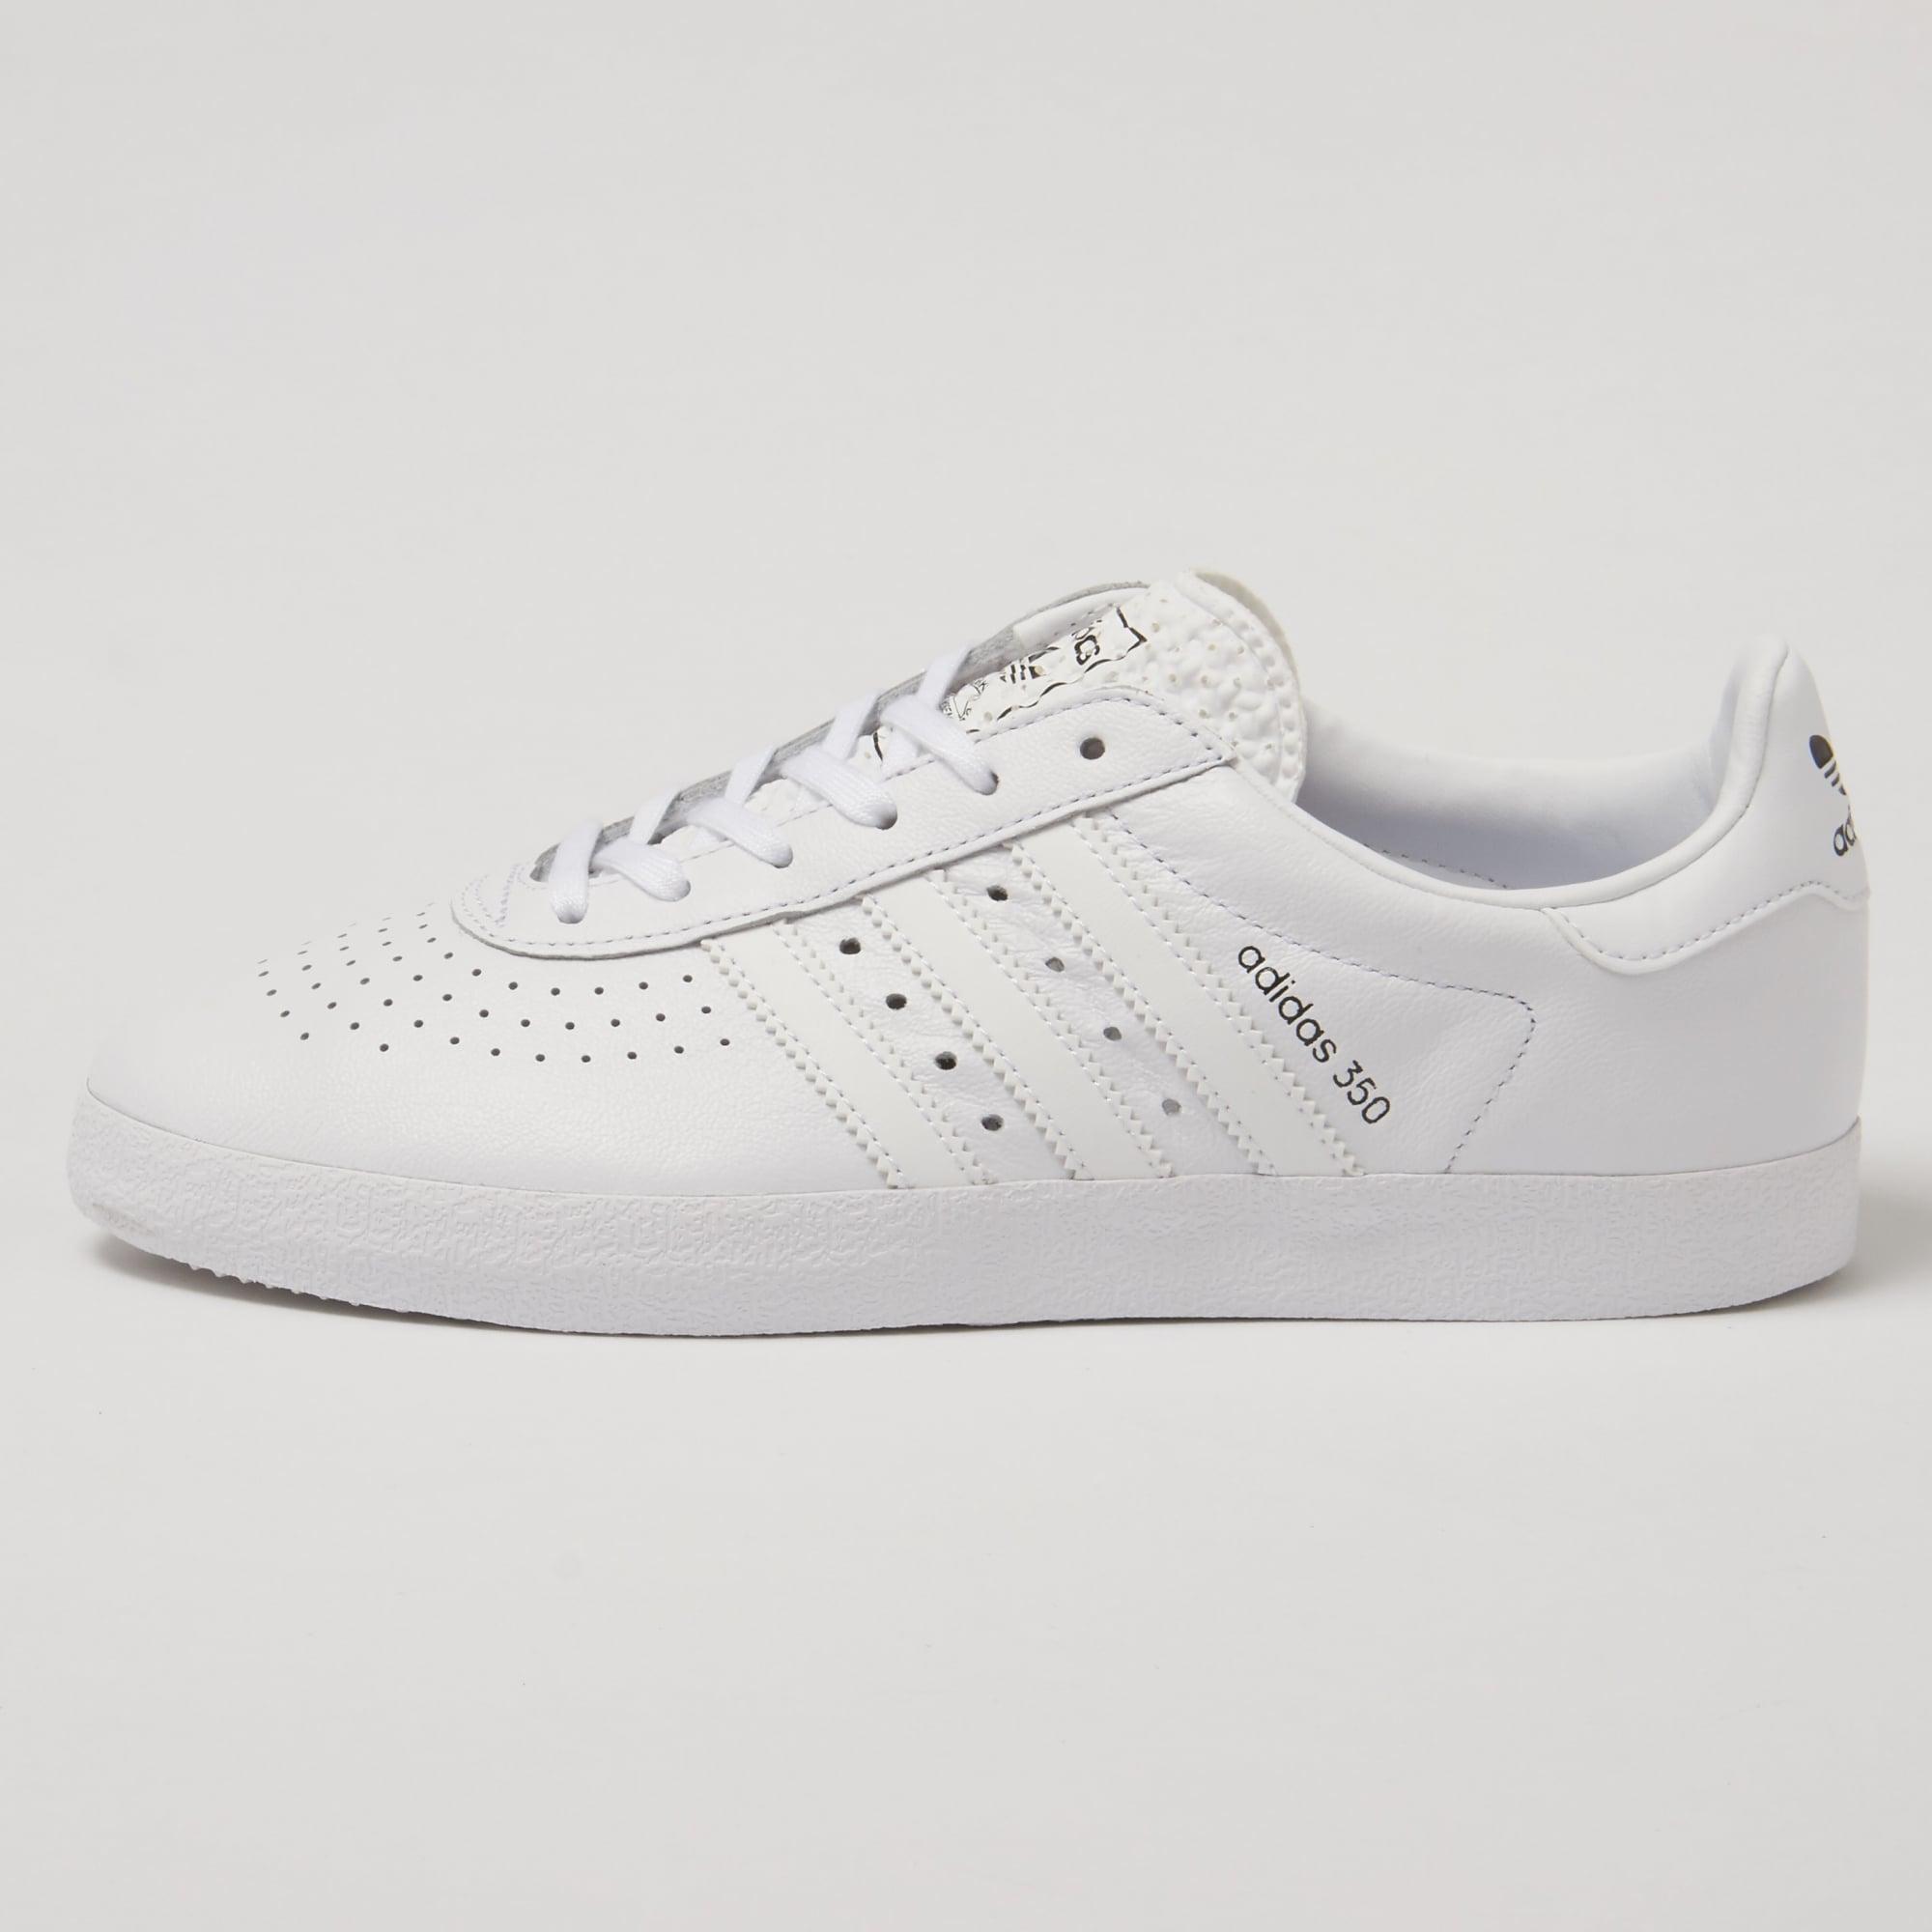 adidas originals 350 sneakers in white